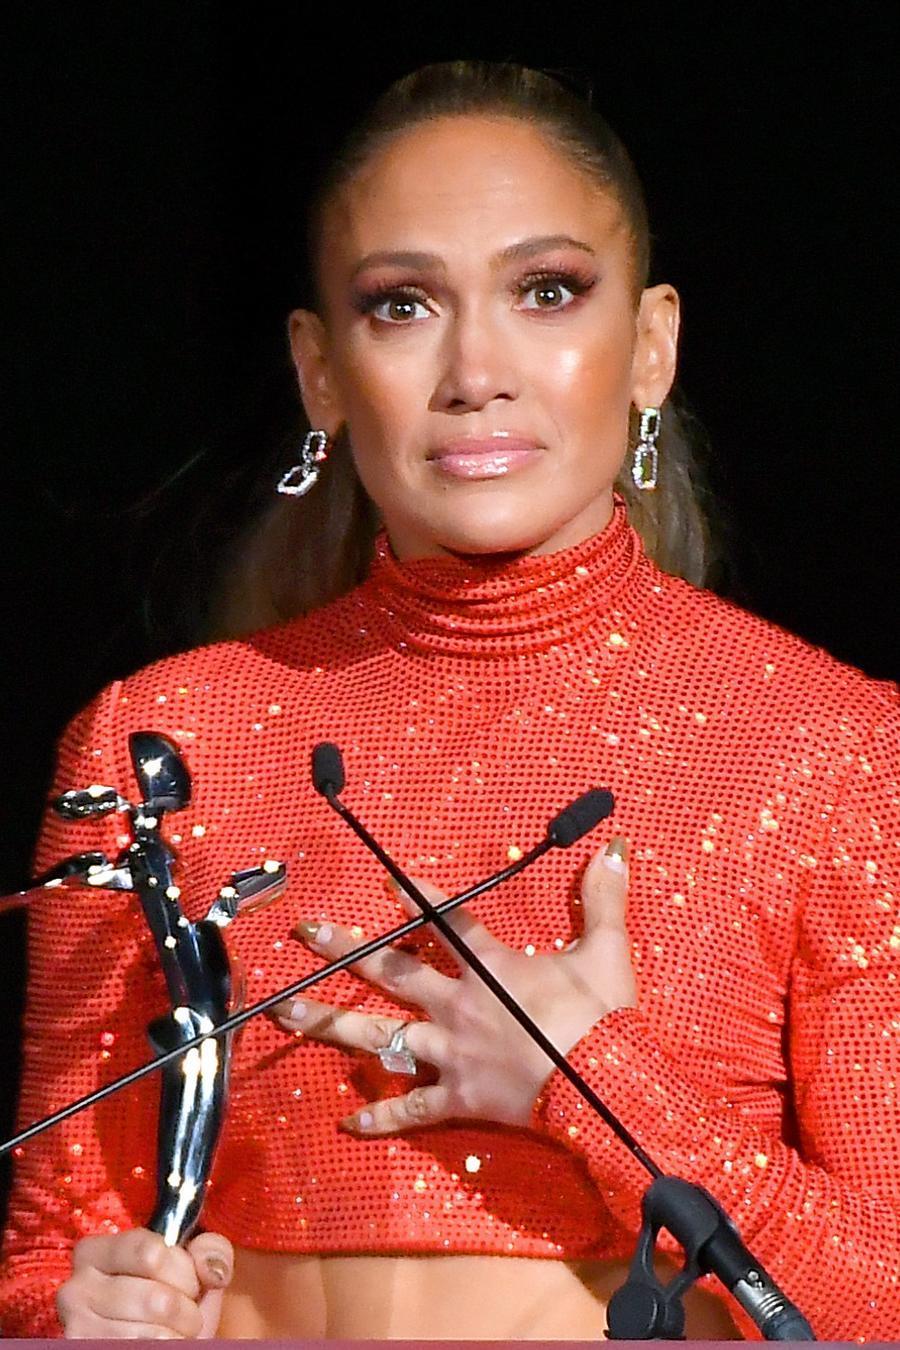 Jennifer Lopez gives speech in red-orange crop top